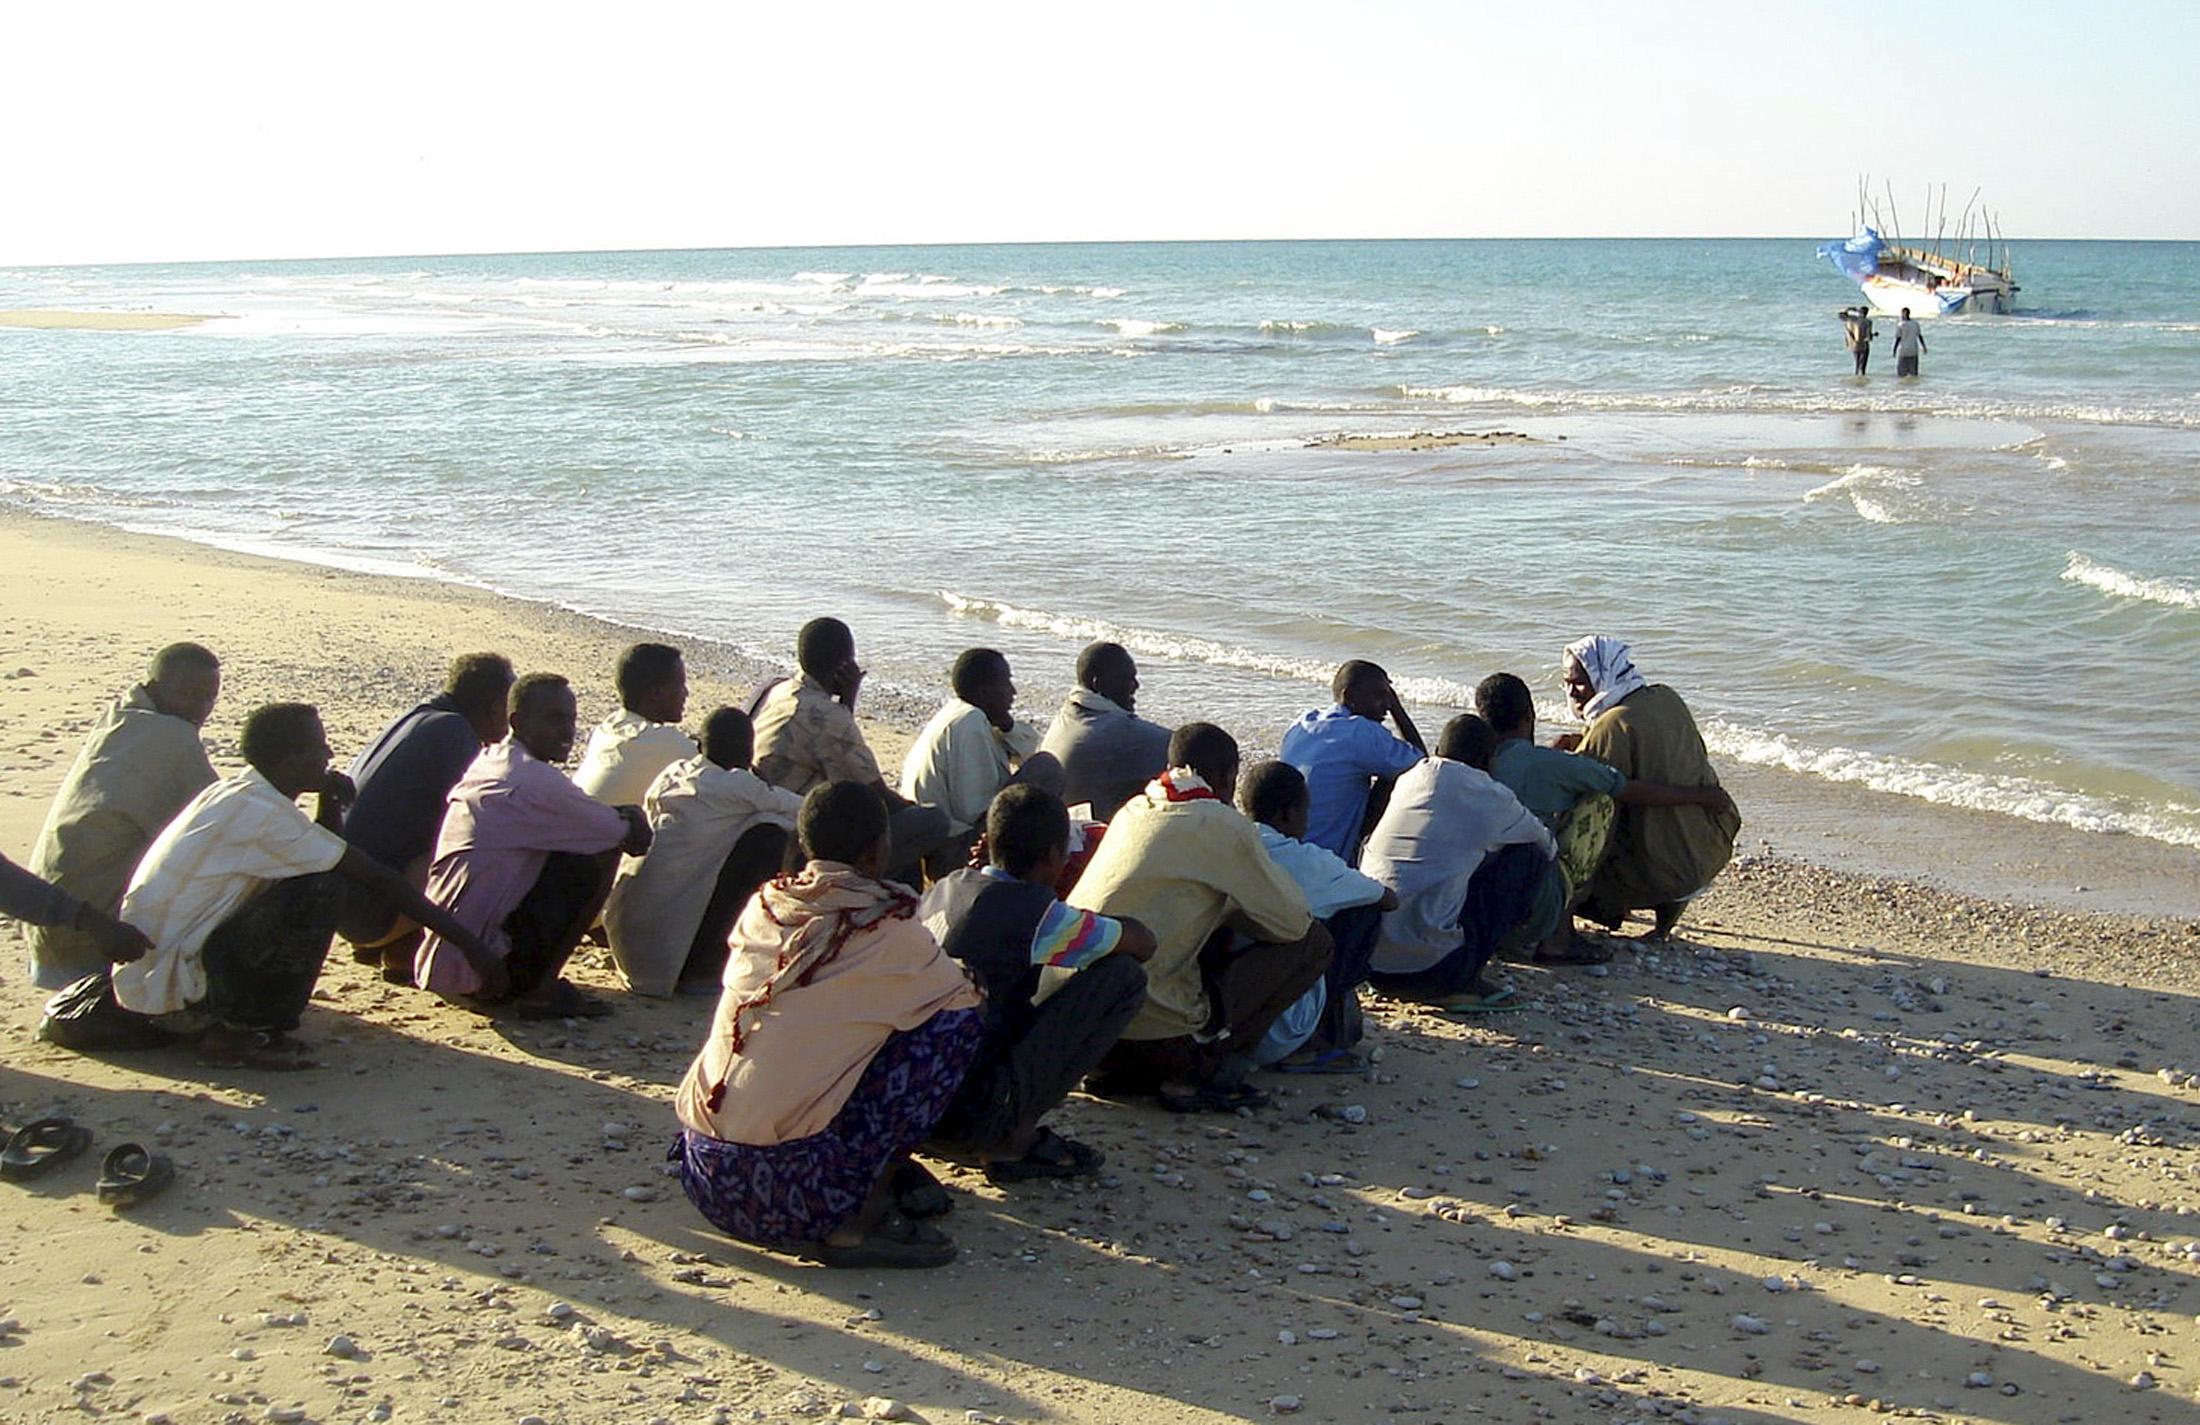 الهجرة غير الشرعية في ليبيا